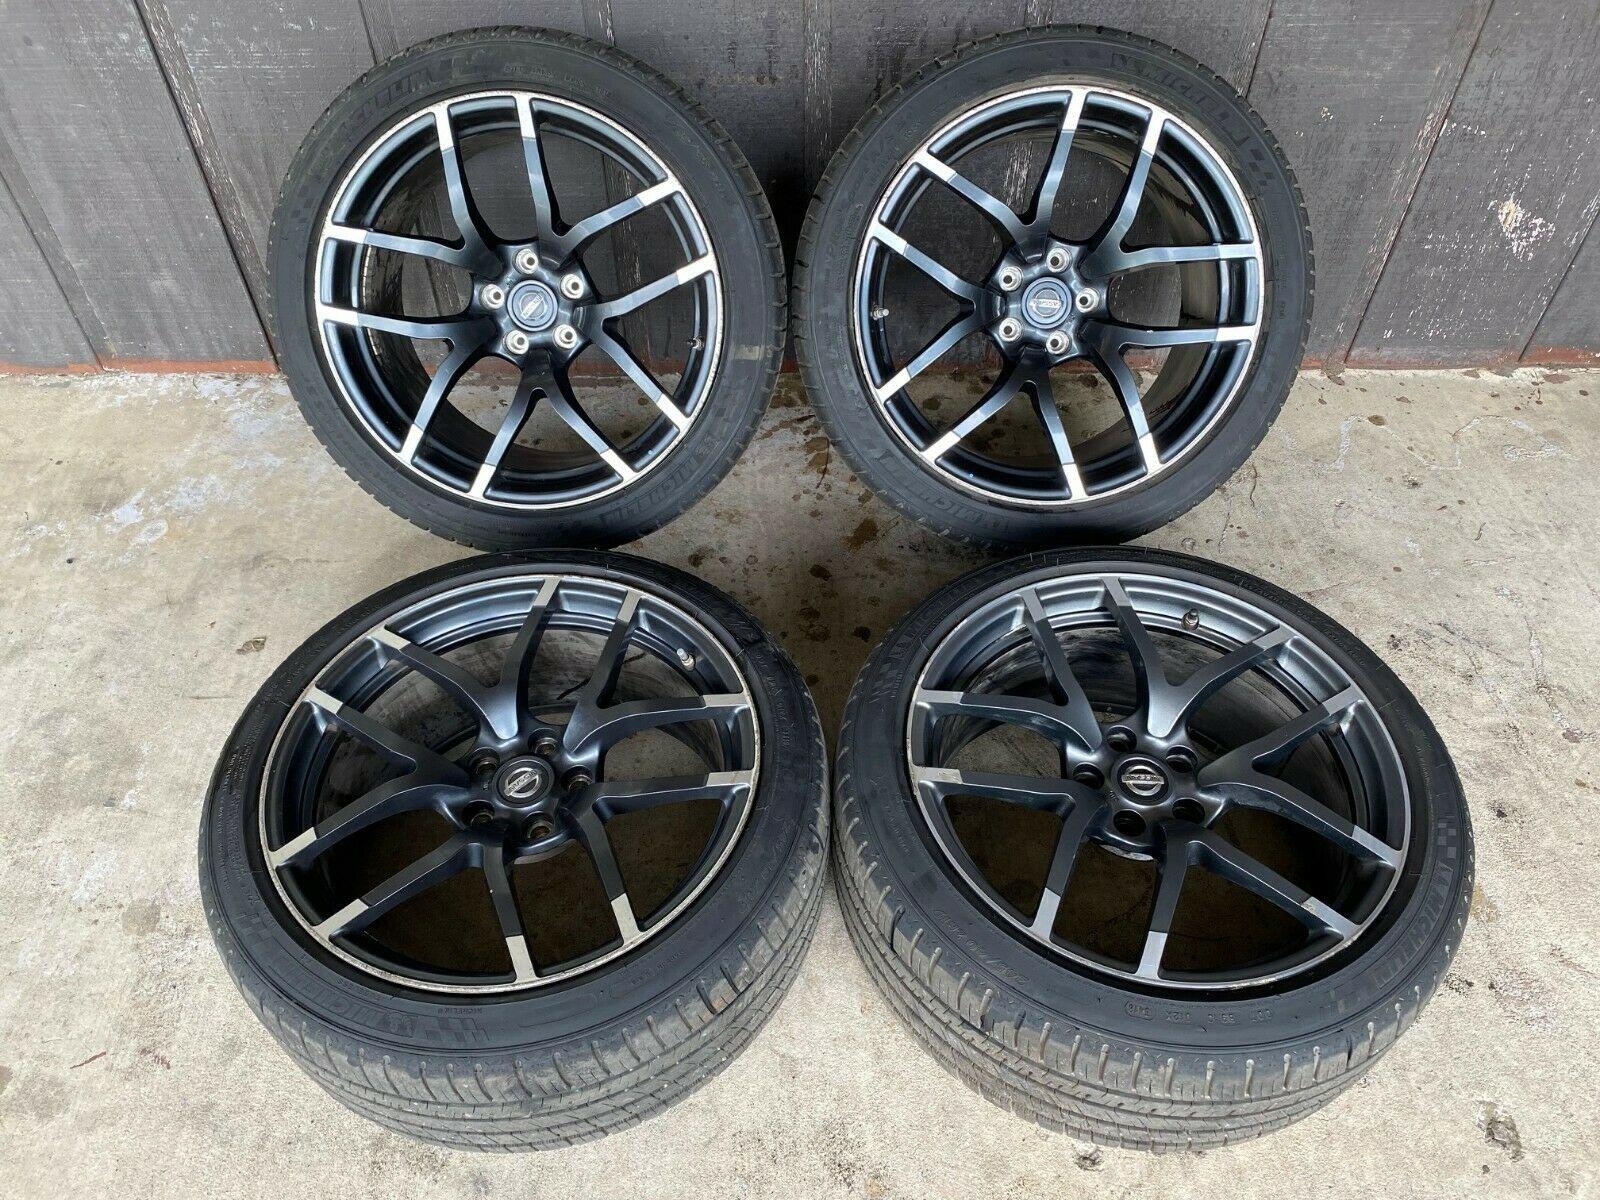 370z Nismo Wheels 370z Nismo Wheel Nissan 370z Nismo